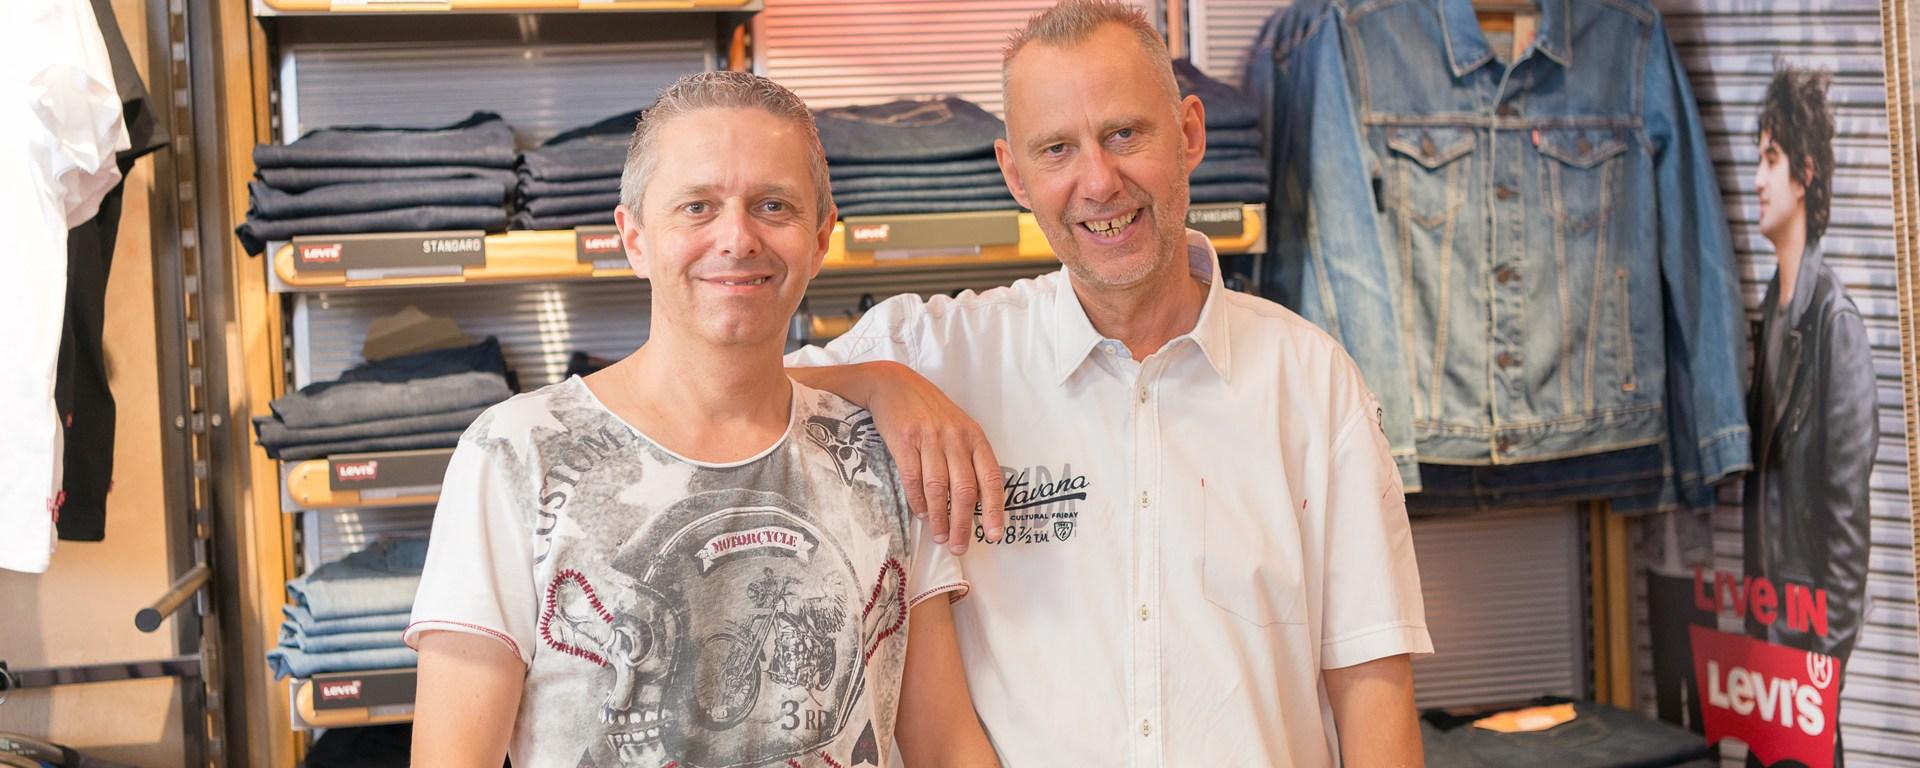 Markus Hildebrandt und Frank Wirth vom Modegeschäft Hosen- und Jeanshaus.